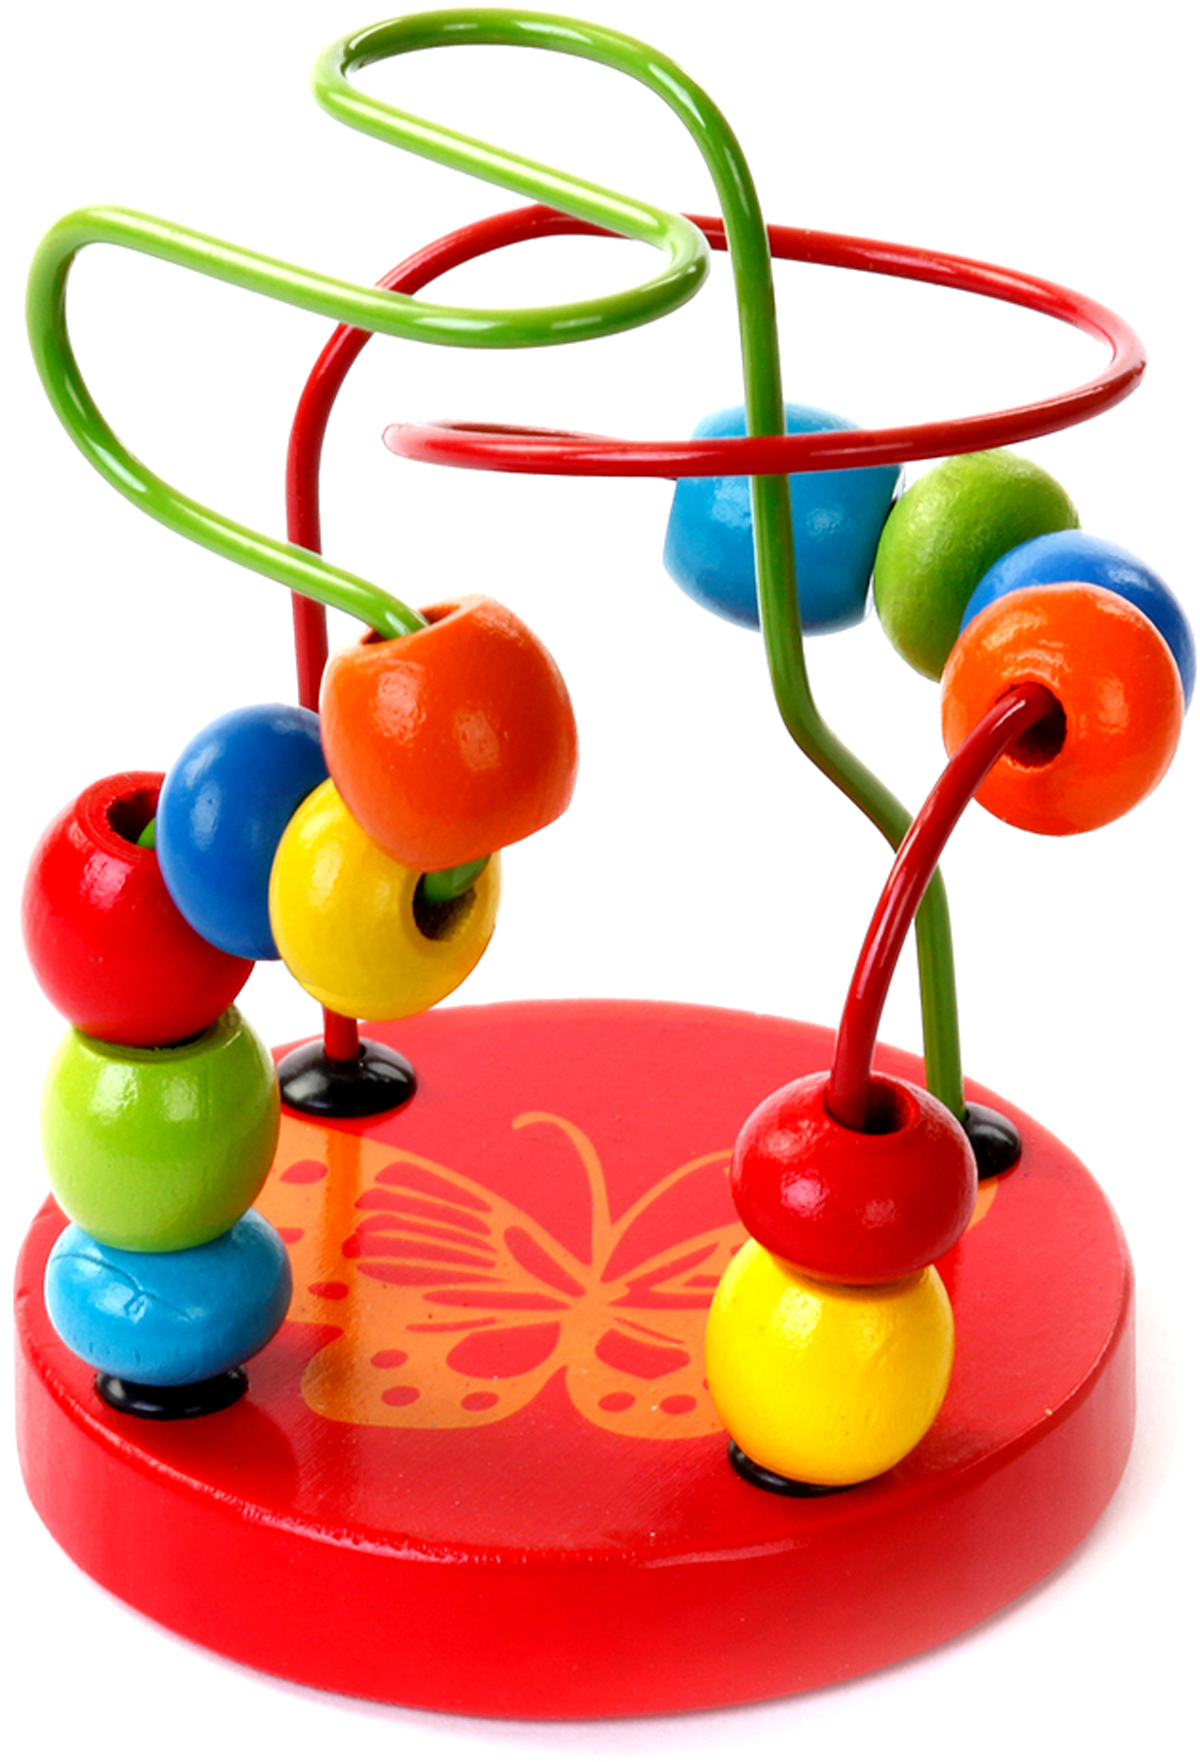 Mapacha Лабиринт маленький цвет красный деревянные игрушки mapacha рамка лабиринт кошки мышки